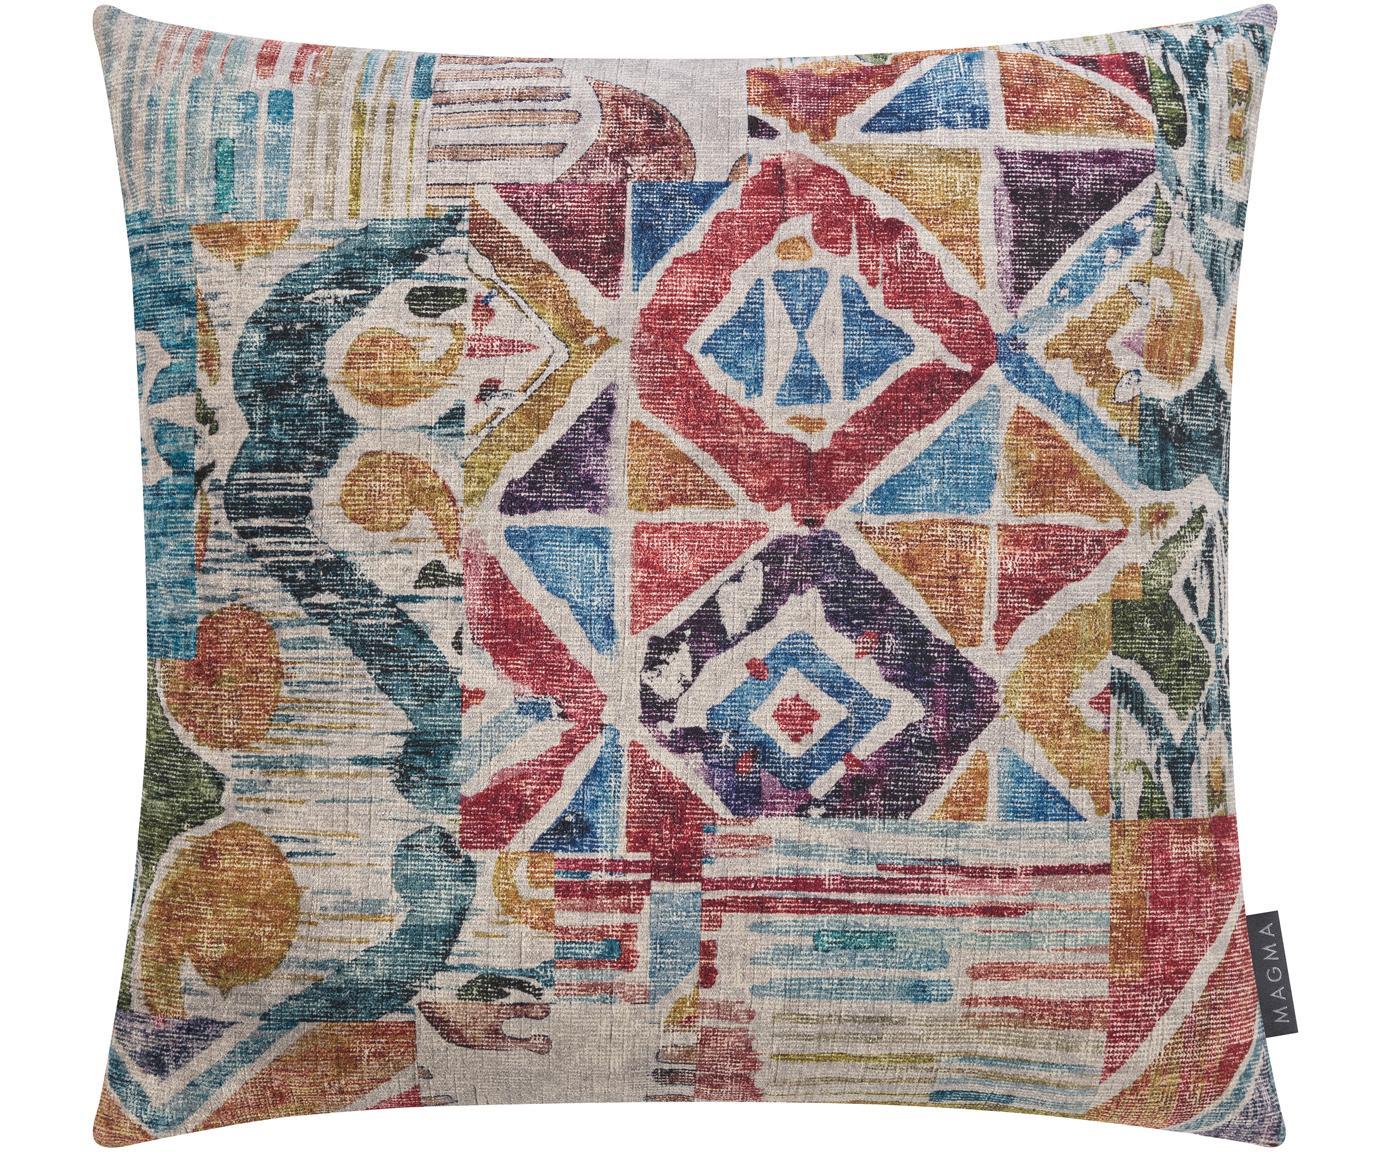 Poszewka na poduszkę z aksamitu Cosima, Aksamit poliestrowy, Wiśniowy, wielobarwny, S 40 x D 40 cm